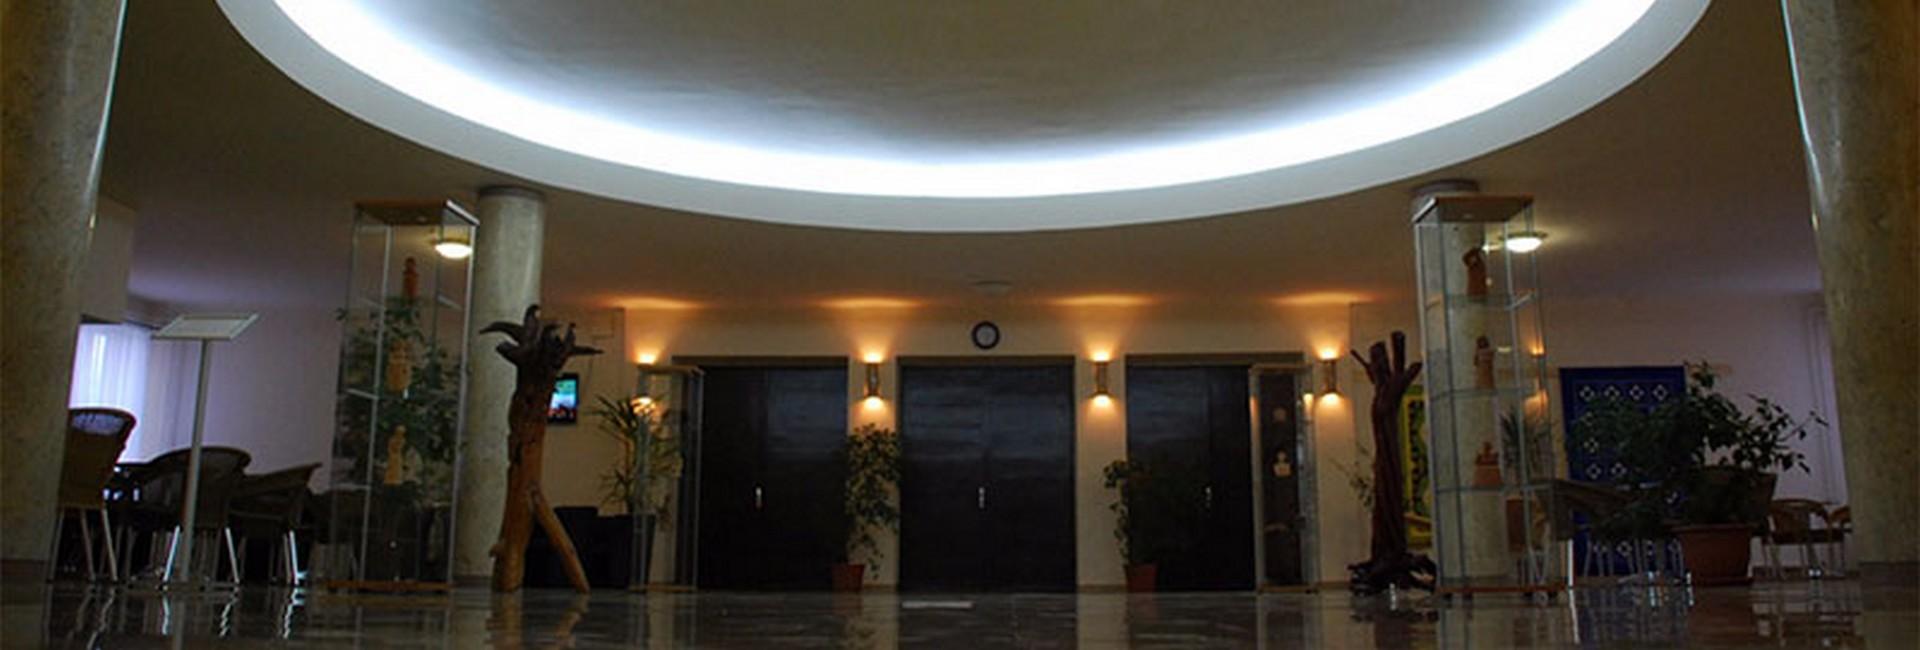 Martfű Városi Művelődési Központ - aula